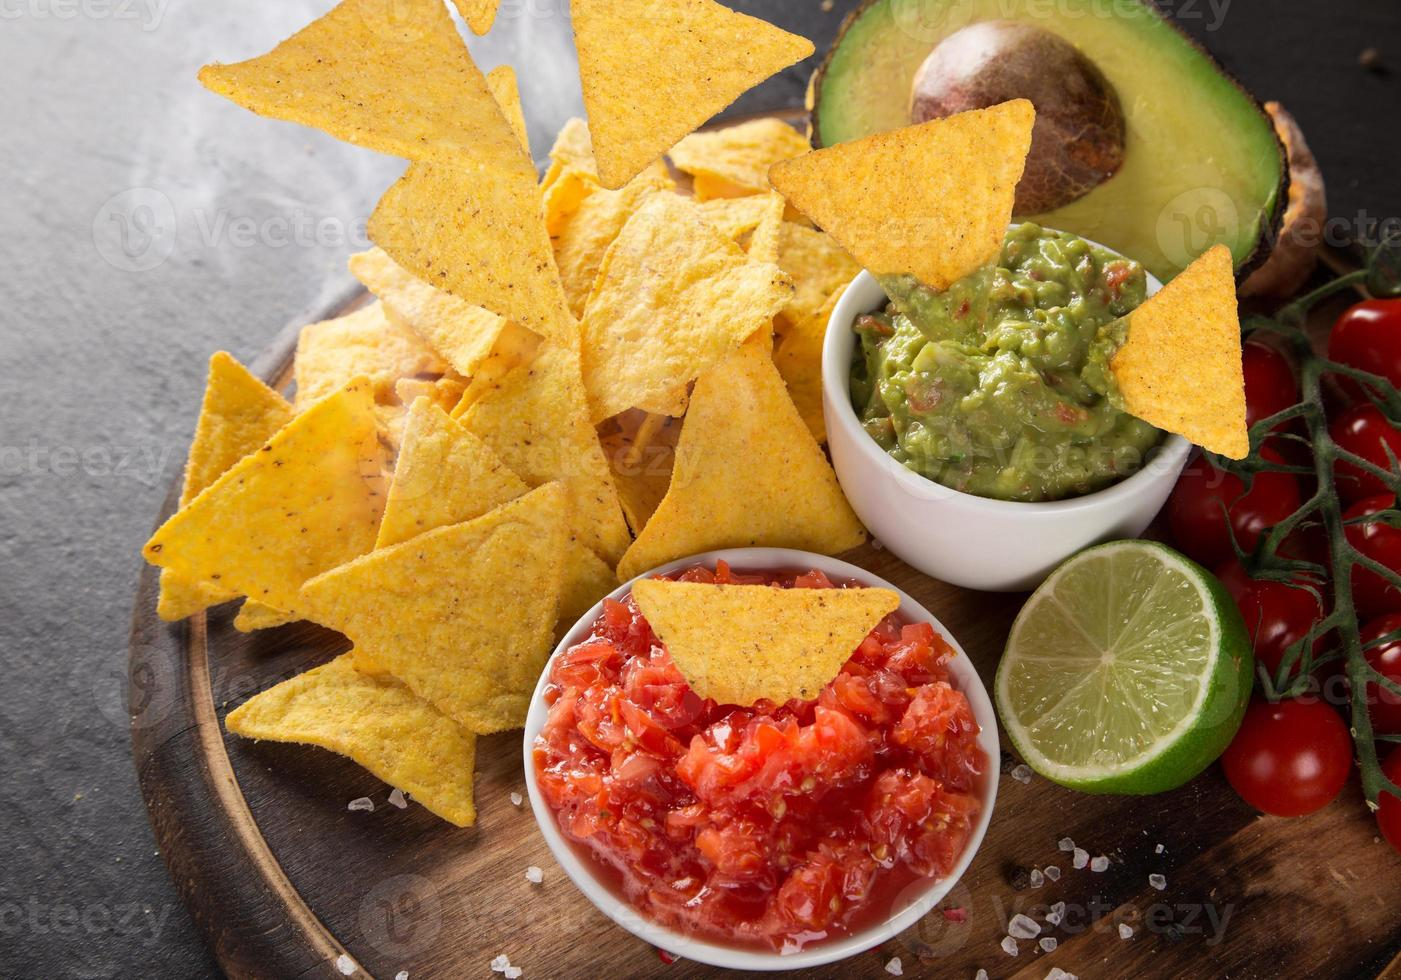 guacamole met nacho's in de vriesbeweging foto